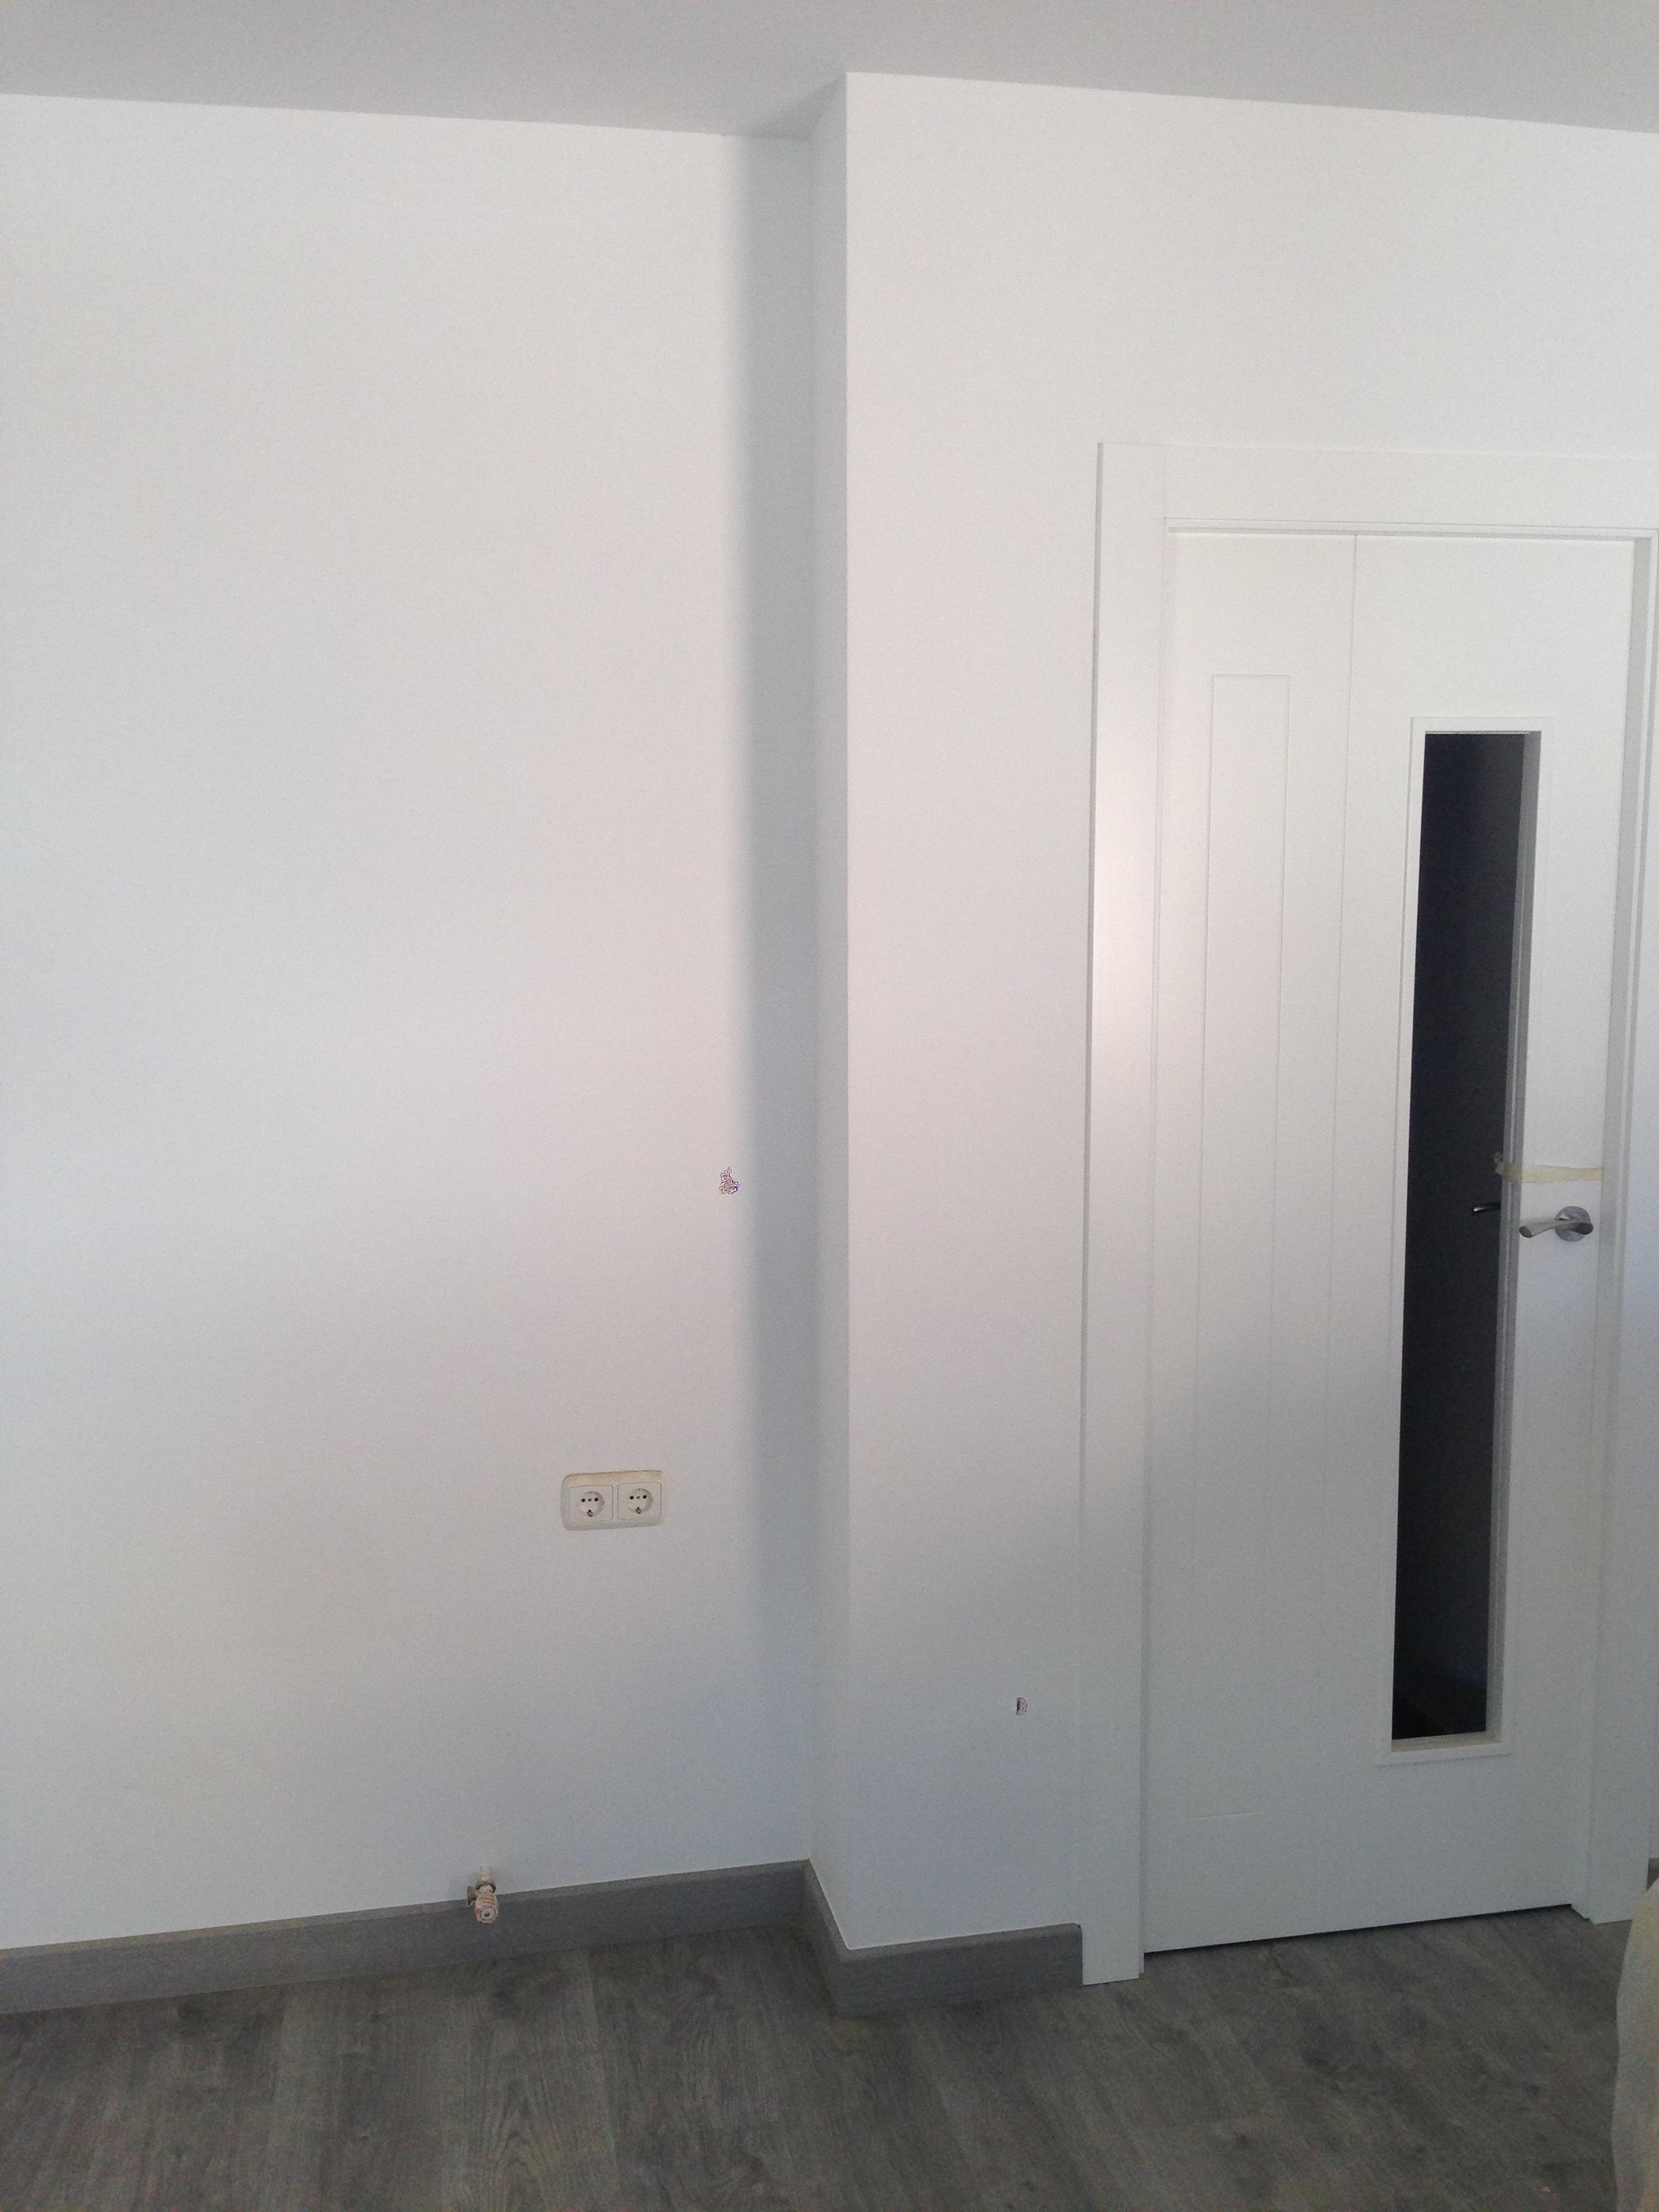 Puertas de madera lacadas en blanco interesting puertas - Puertas de madera en blanco ...